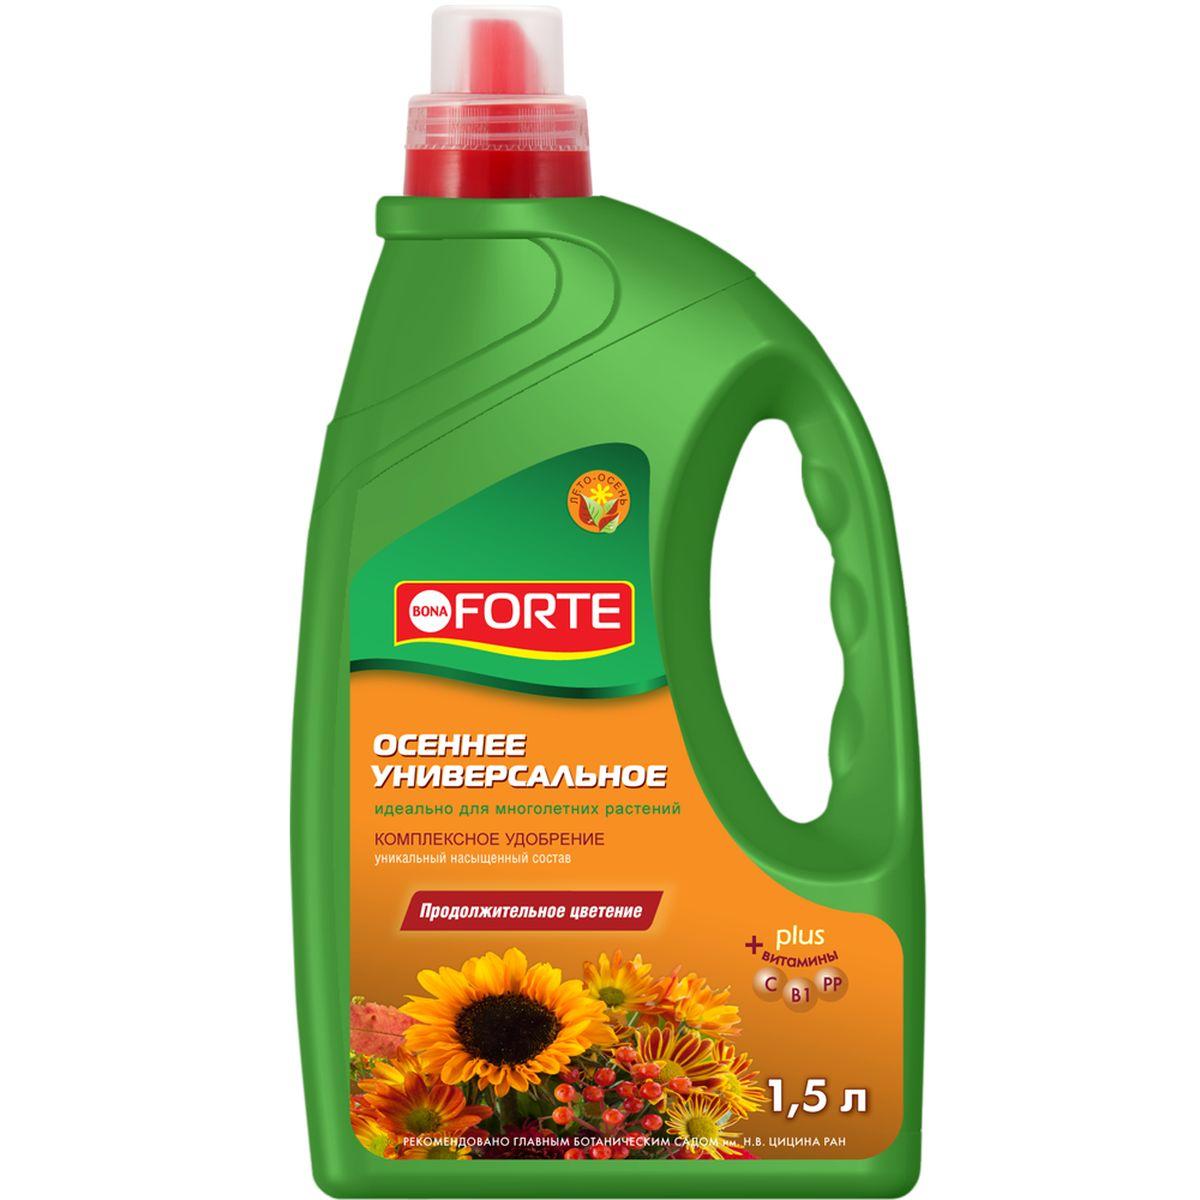 Жидкое комплексное удобрение Bona Forte, универсальное осеннее, 1,5 лRSP-202SЖидкое комплексное осеннее универсальное удобрение Bona Forte предназначено для декоративных кустарников и многолетних растений открытого грунта. Обеспечивает продолжительное цветение. Имеет в составе все необходимые микроэлементы. Состав: азот 0%, фосфор 7%, калий 5%, магний 0,3%, железо 0,005%, марганец 0,005%, бор 0,002%, цинк 0,002%, медь 0,0004%, молибден 0,0004%, кобальт 0,0002%; биологически активные вещества: витамины (С, В1, РР) и янтарная кислота. Товар сертифицирован.